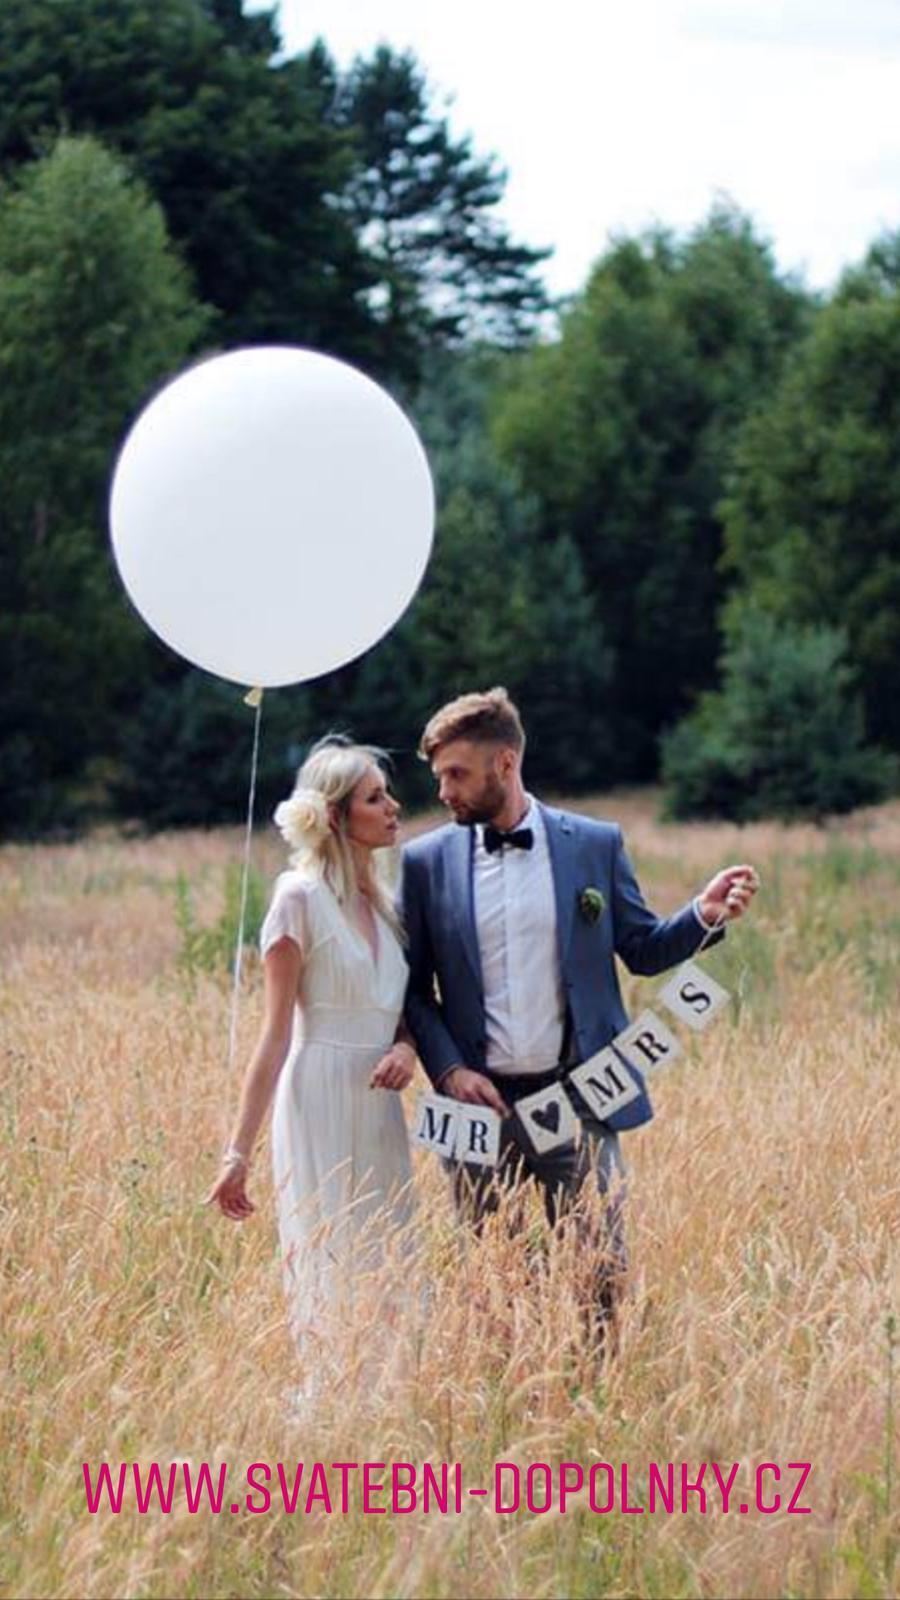 Svatební dekorace - DOPRAVNÉ ZDARMA! - Obrázek č. 81